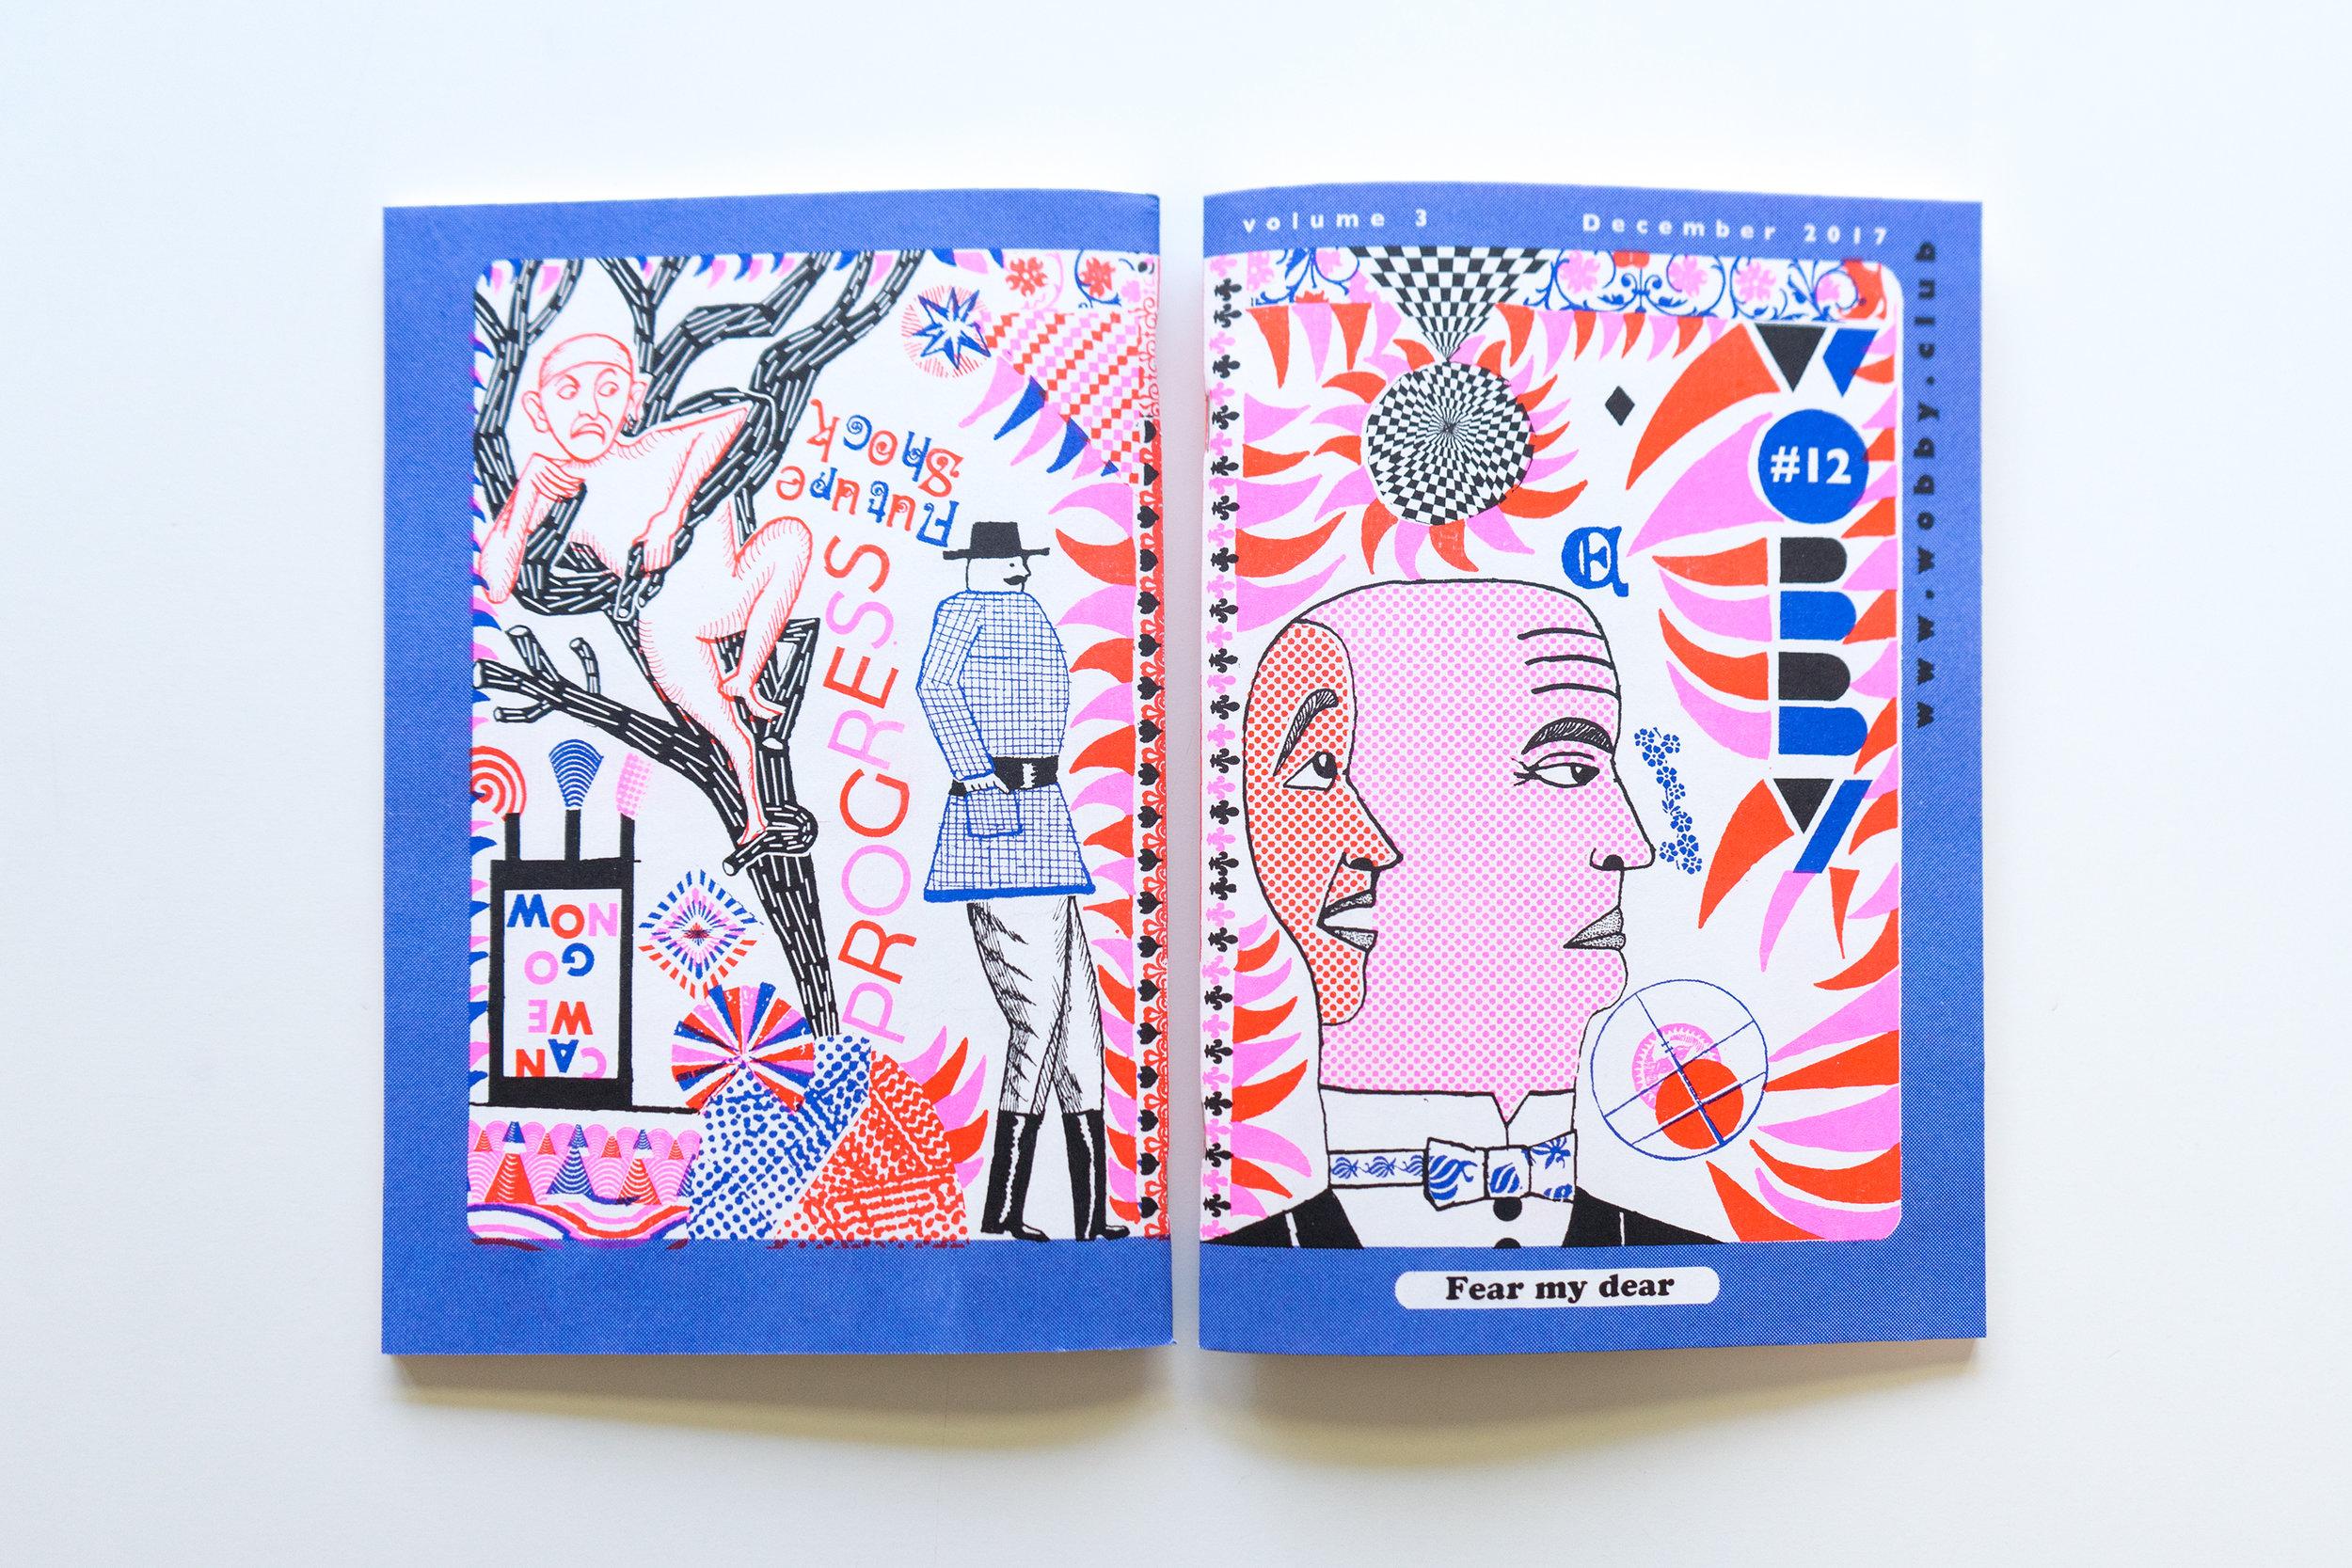 Wobby #12 - cover: John Broadley